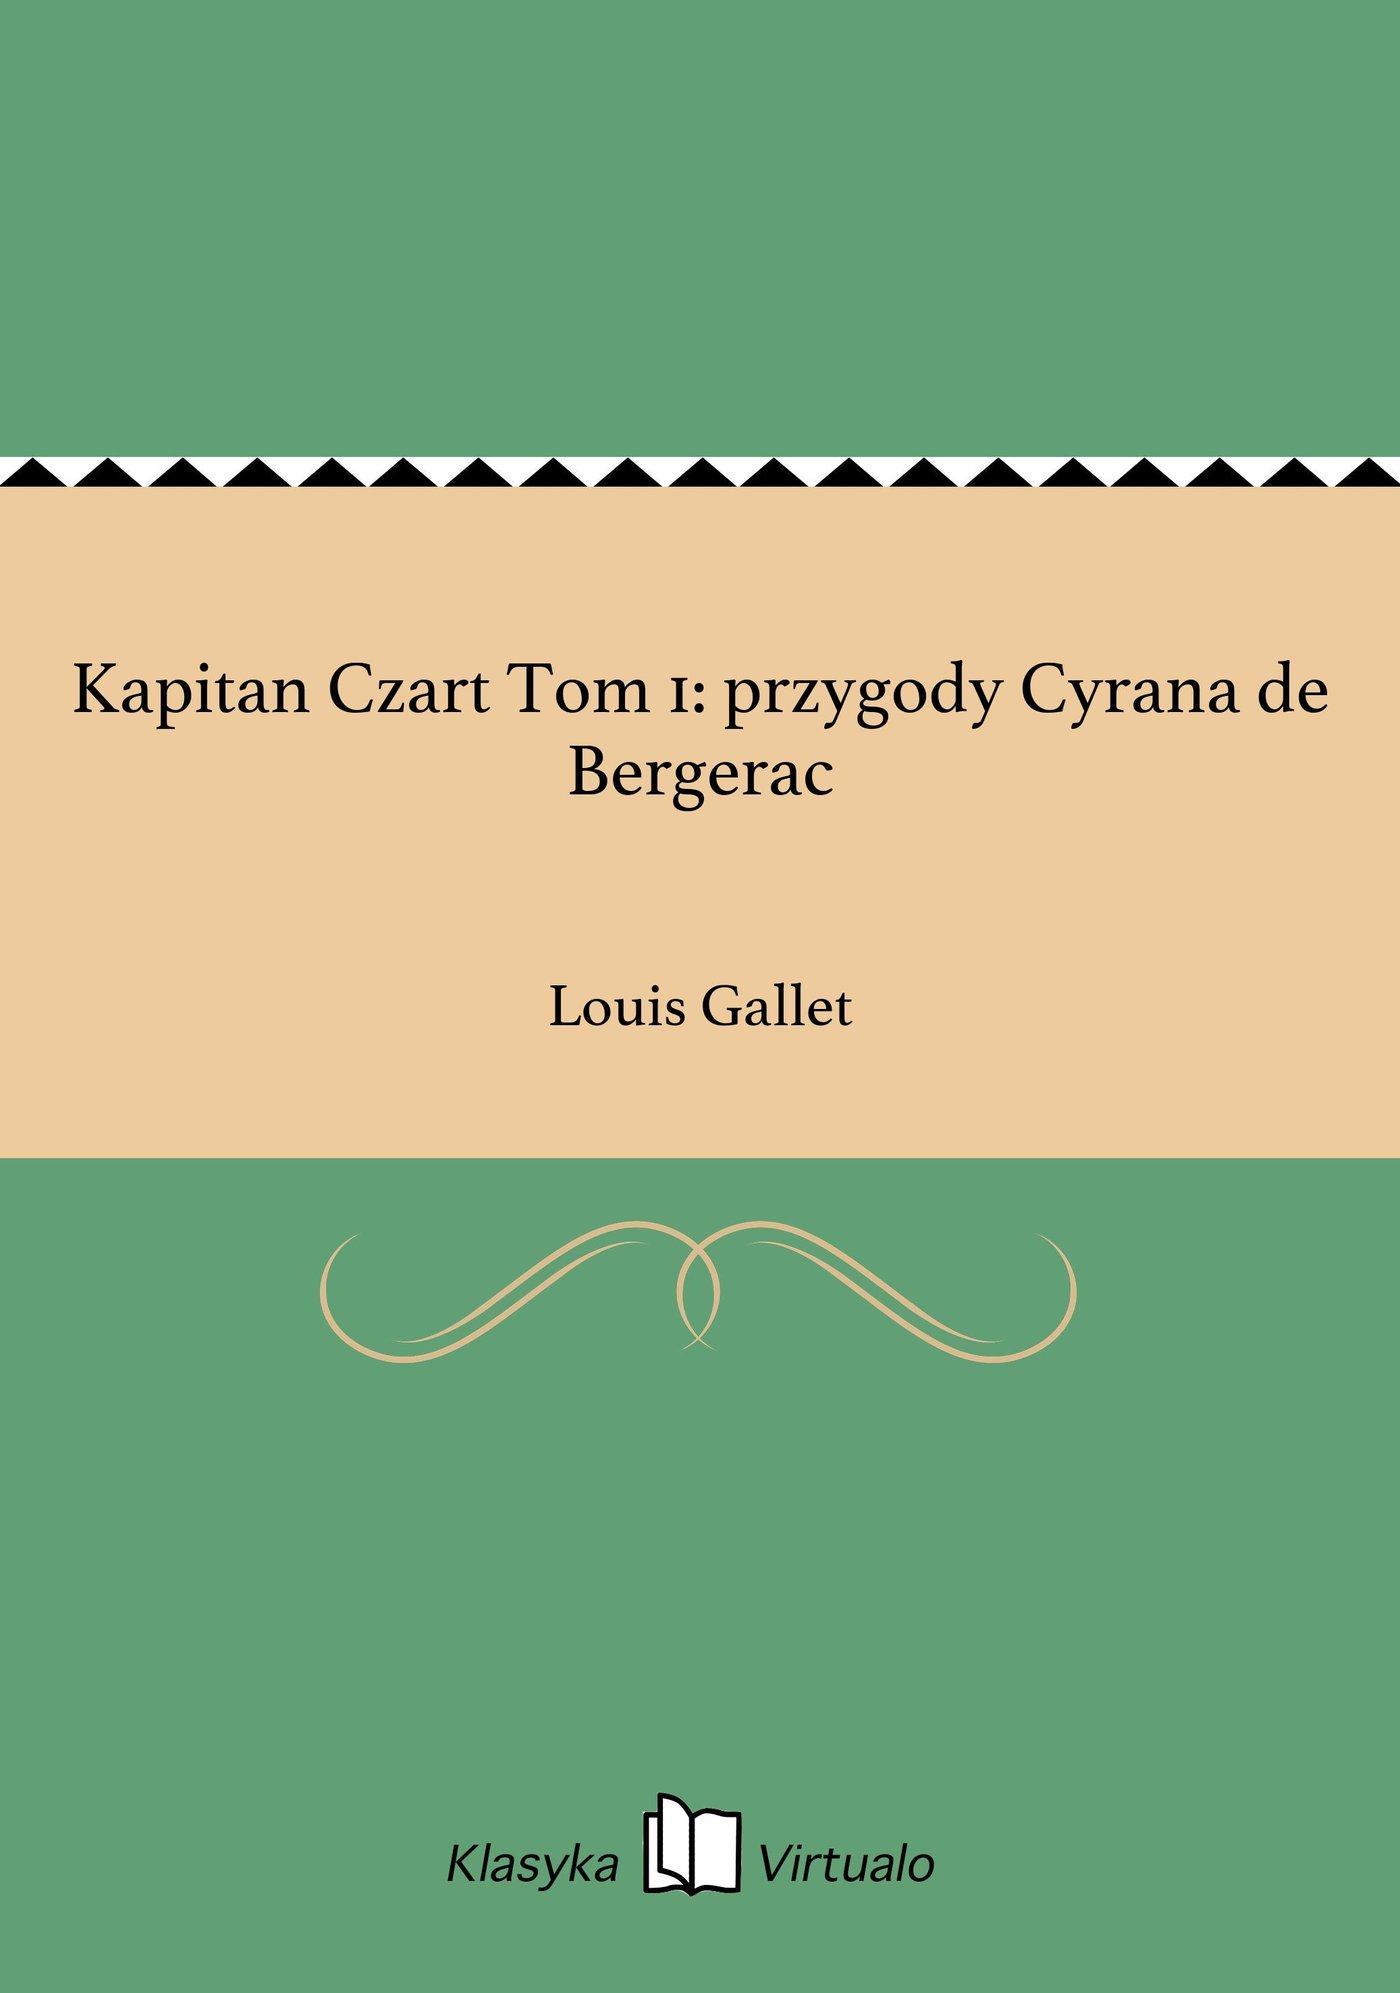 Kapitan Czart Tom 1: przygody Cyrana de Bergerac - Ebook (Książka na Kindle) do pobrania w formacie MOBI